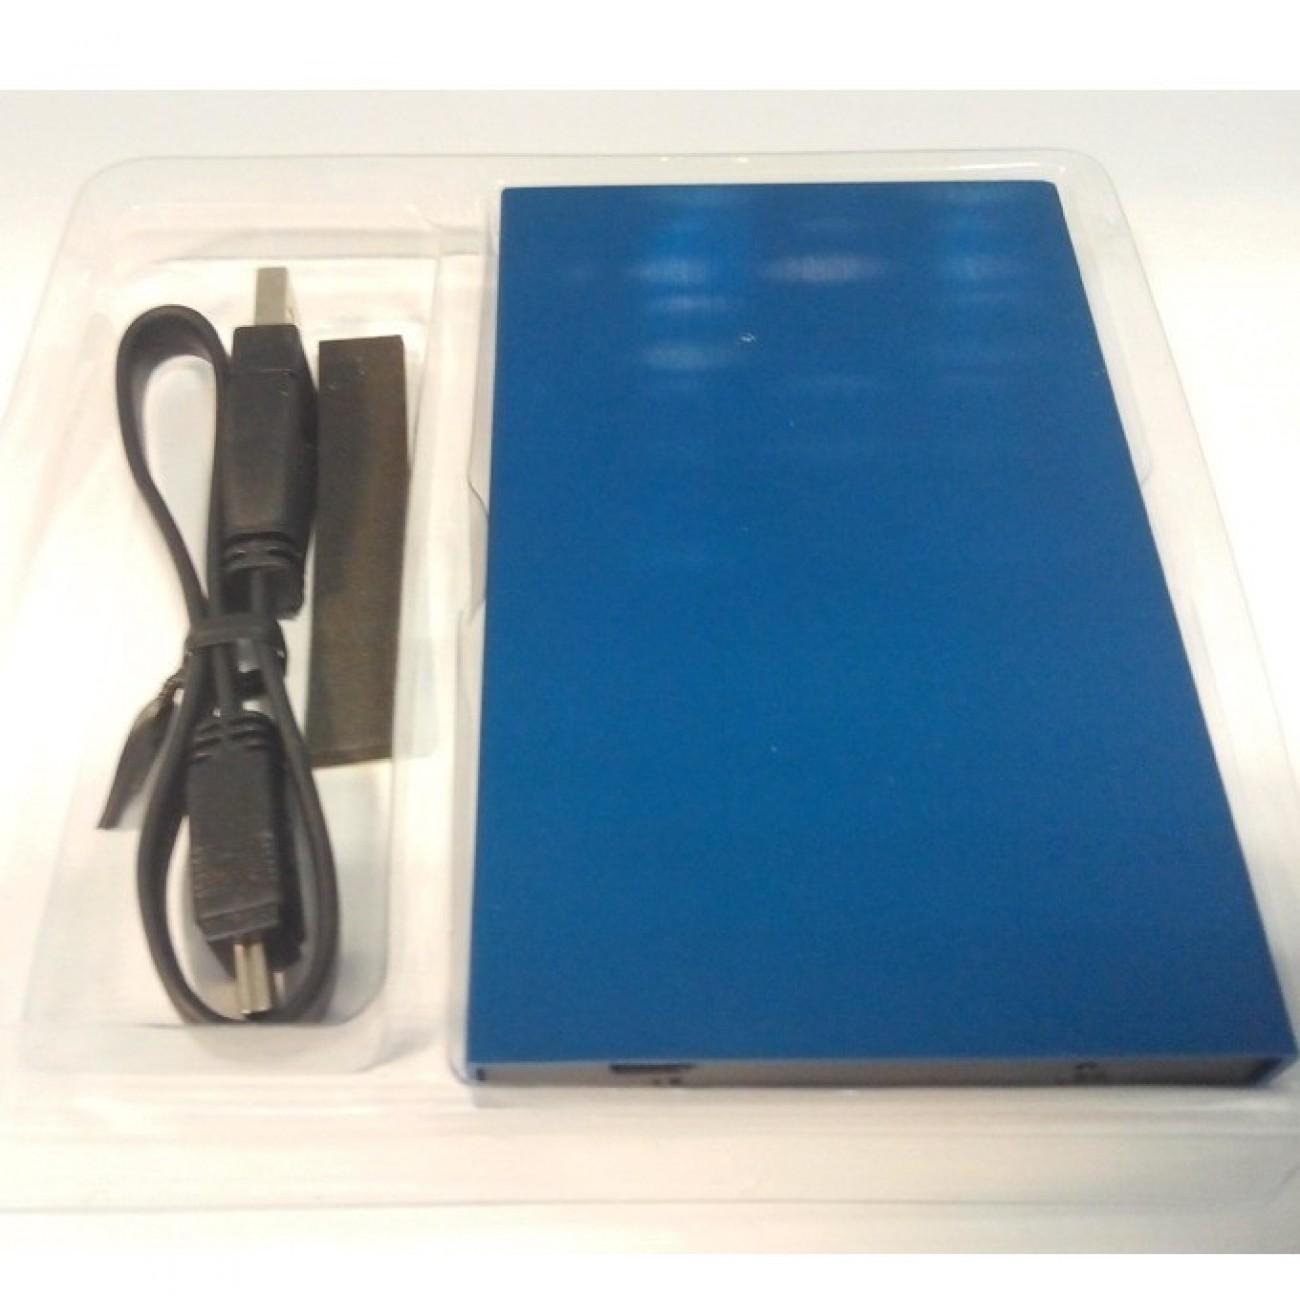 Кутия Estillo за SSD диск 2.5, USB 3.0, синьо в Твърди дискове Аксесоари -  | Alleop